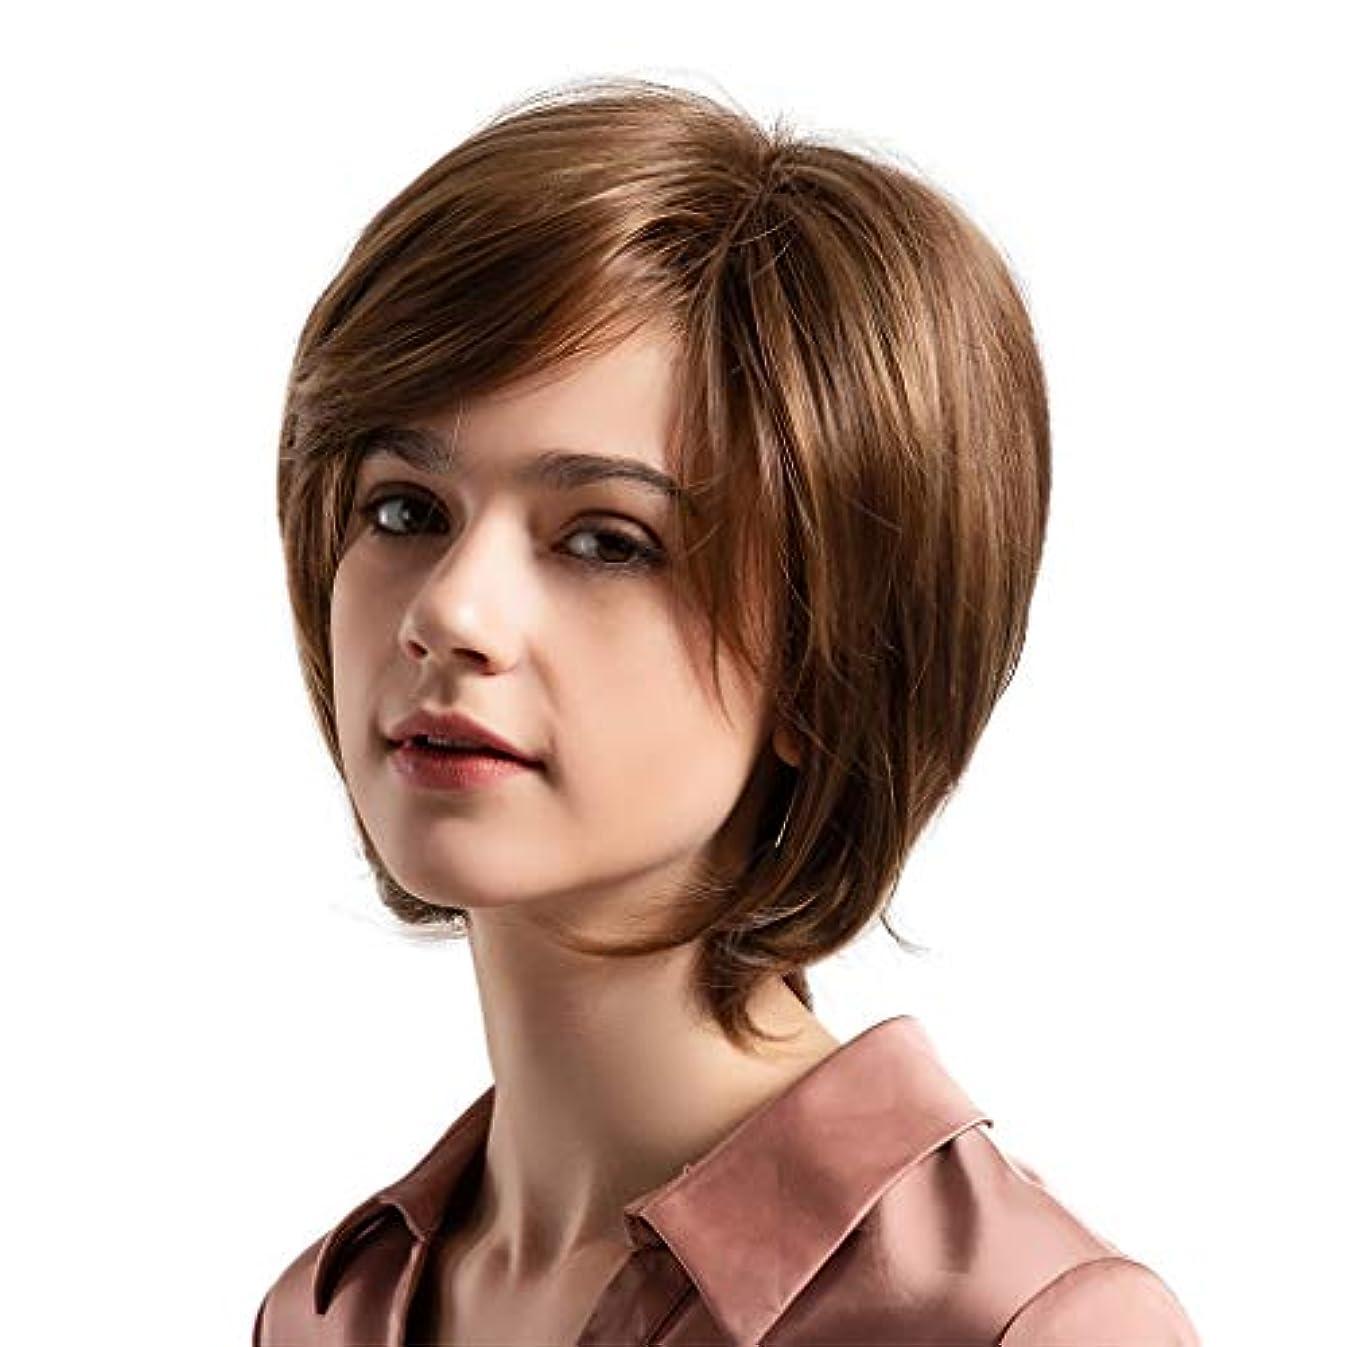 交換可能アグネスグレイトーク女性のかつら茶色斜め前髪自然なレベルの短いストレートヘアかつら